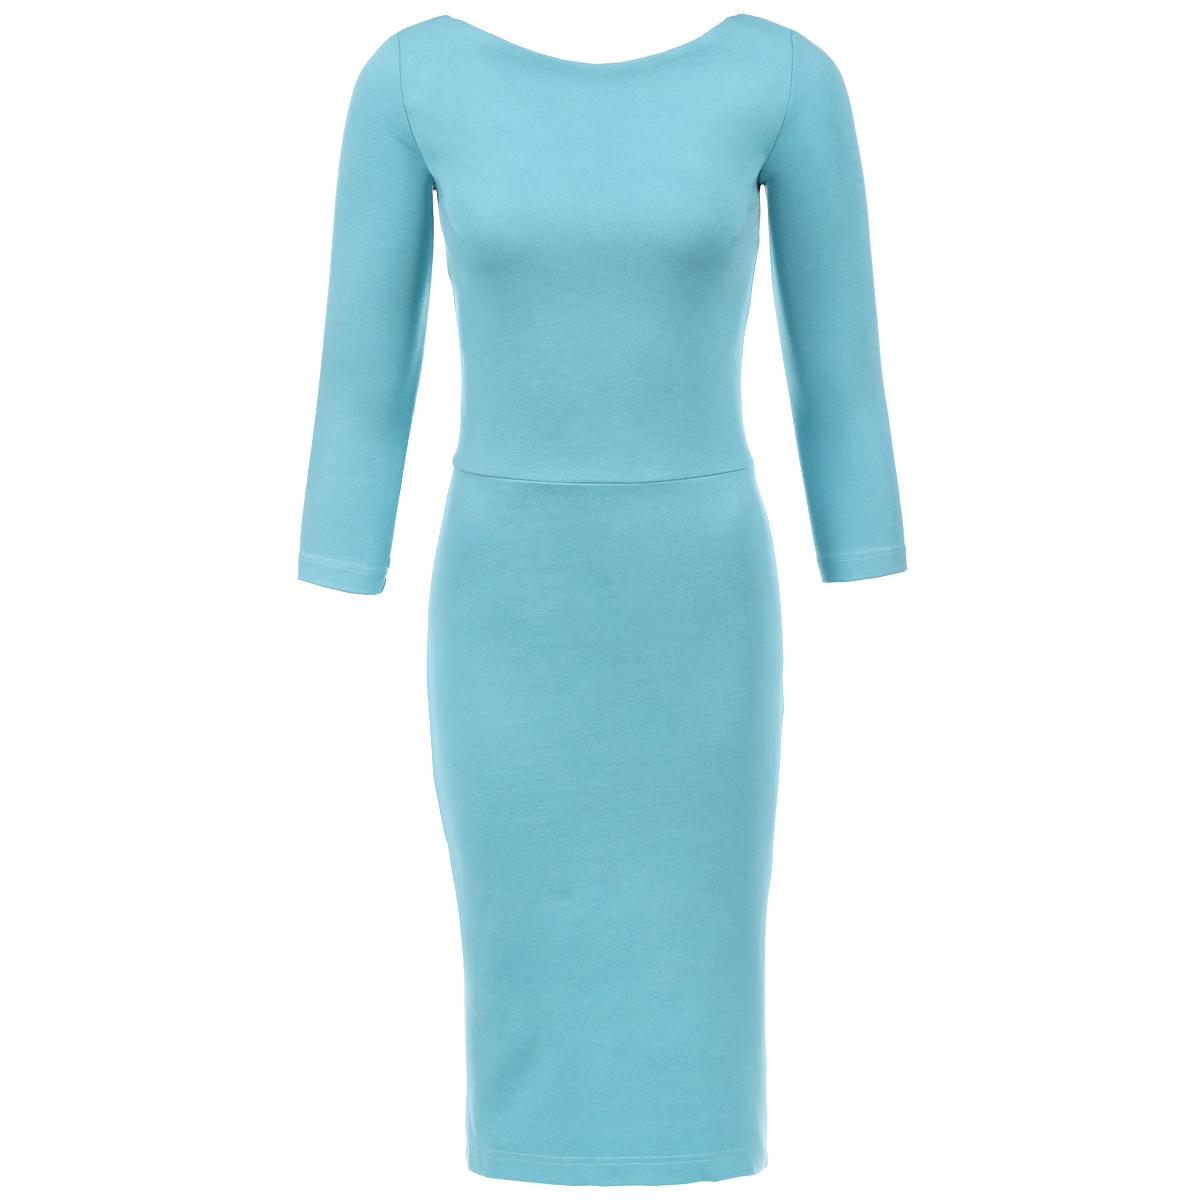 ПлатьеP79D-BСтильное платье от Анны Чапман выполнено из плотного трикотажного материала. Модель приталенного силуэта с круглым вырезом горловины, отрезной талией и рукавами длиной 3/4. На спинке платье застегивается на потайную молнию и имеет глубокий V-образный вырез. Спереди юбка имеет форму карандаш, а сзади дополнена декоративным воланом. Модное платье лаконичного дизайна органично впишется в повседневный гардероб.